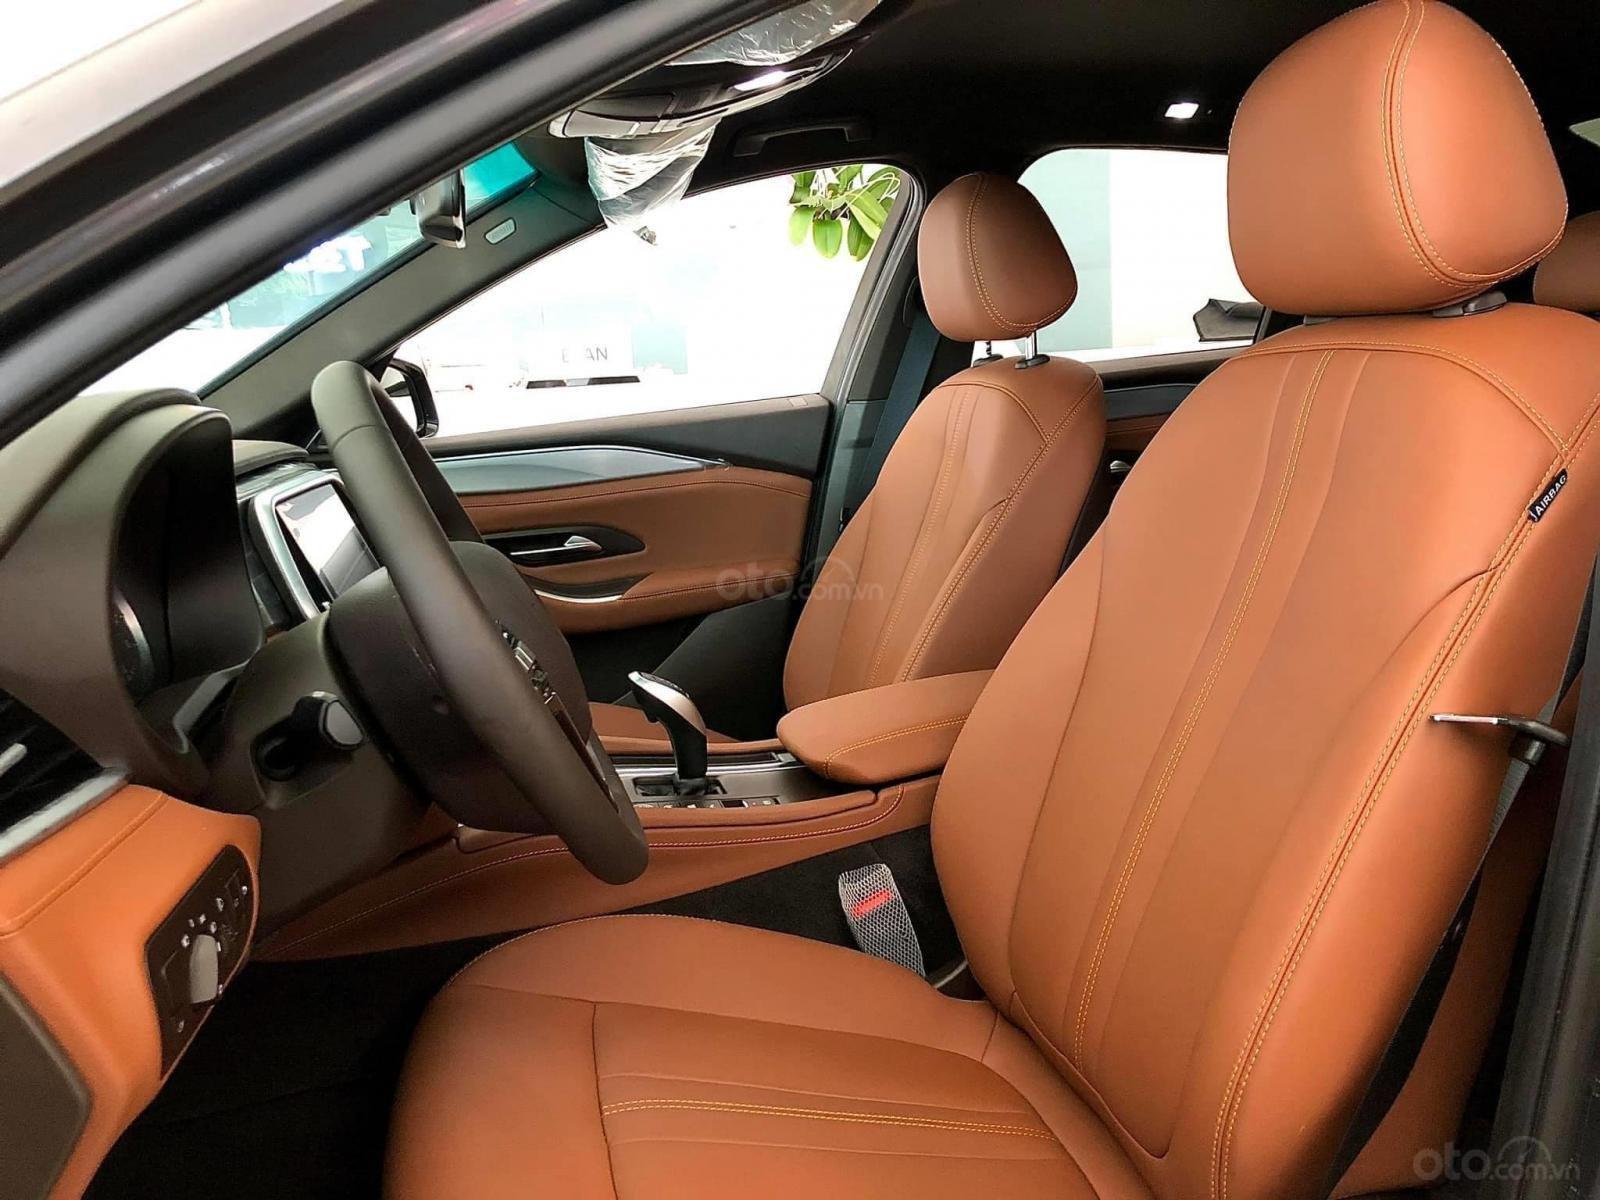 Vinfast Lux A xe 2020 - vay 80% giá xe - vay 2 năm không lãi suất - hỗ trợ chứng minh thu nhập (3)